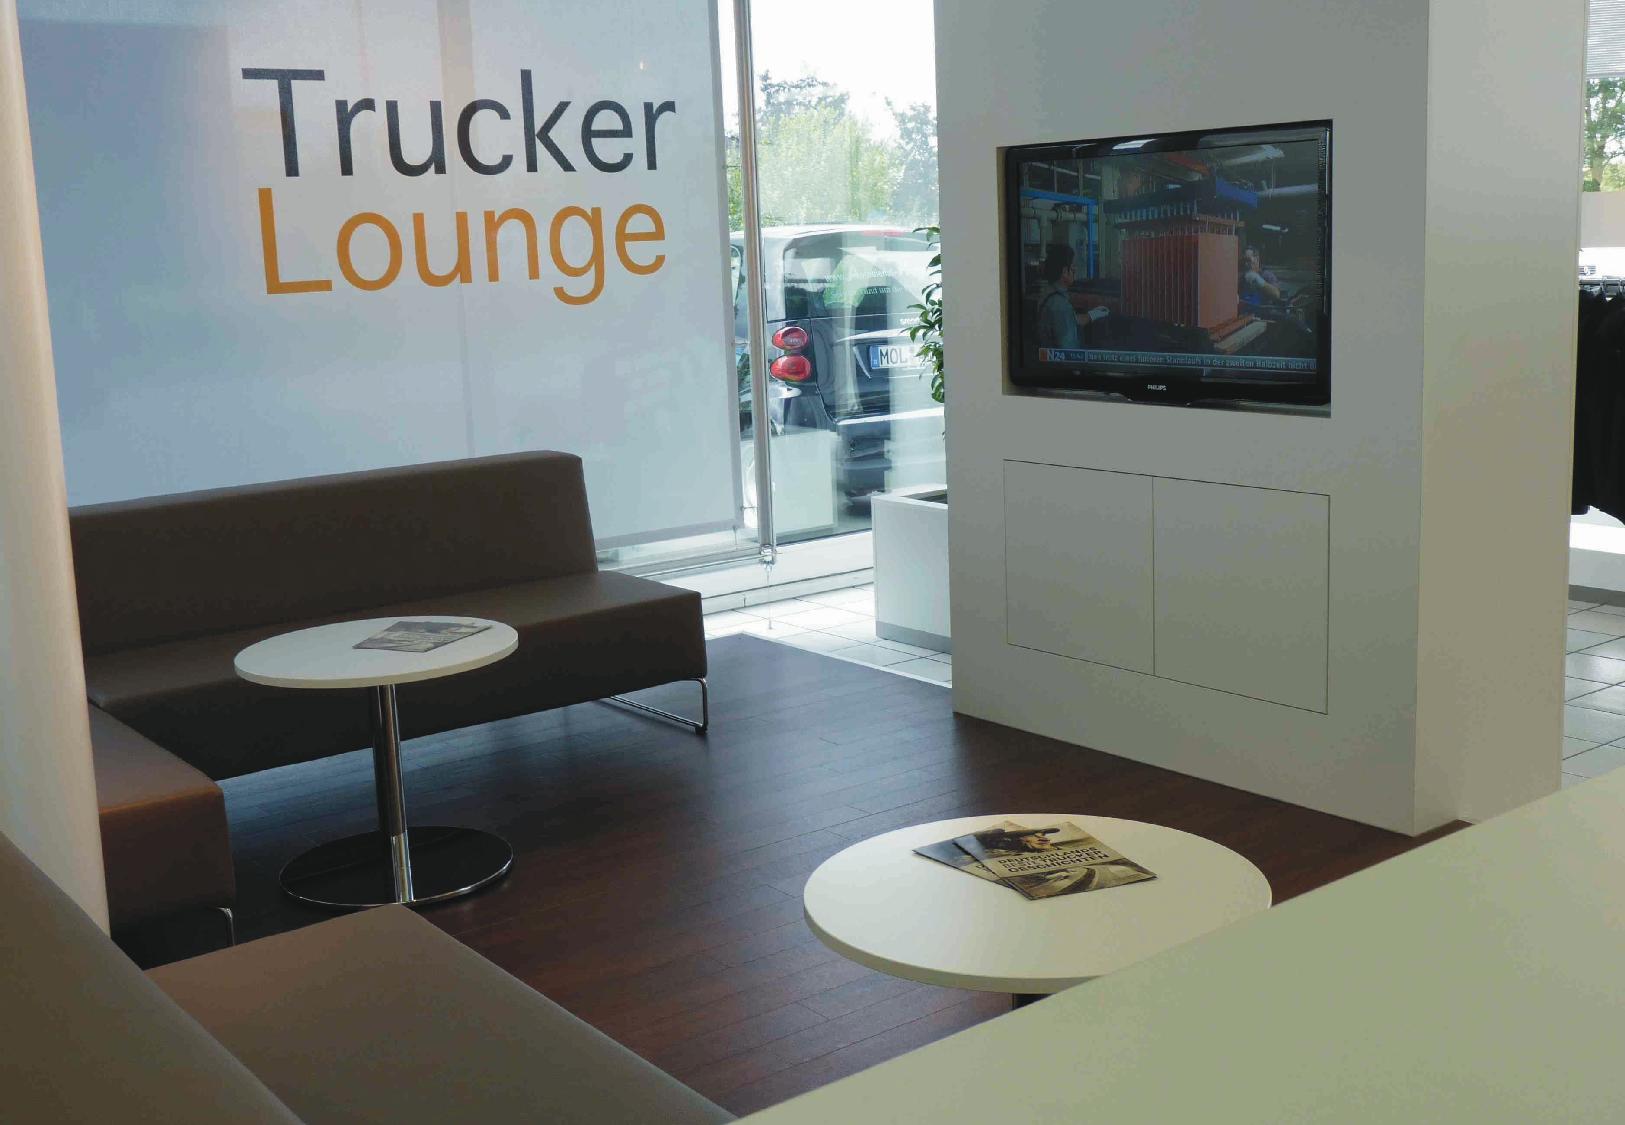 02_Trucker Lounge.jpg